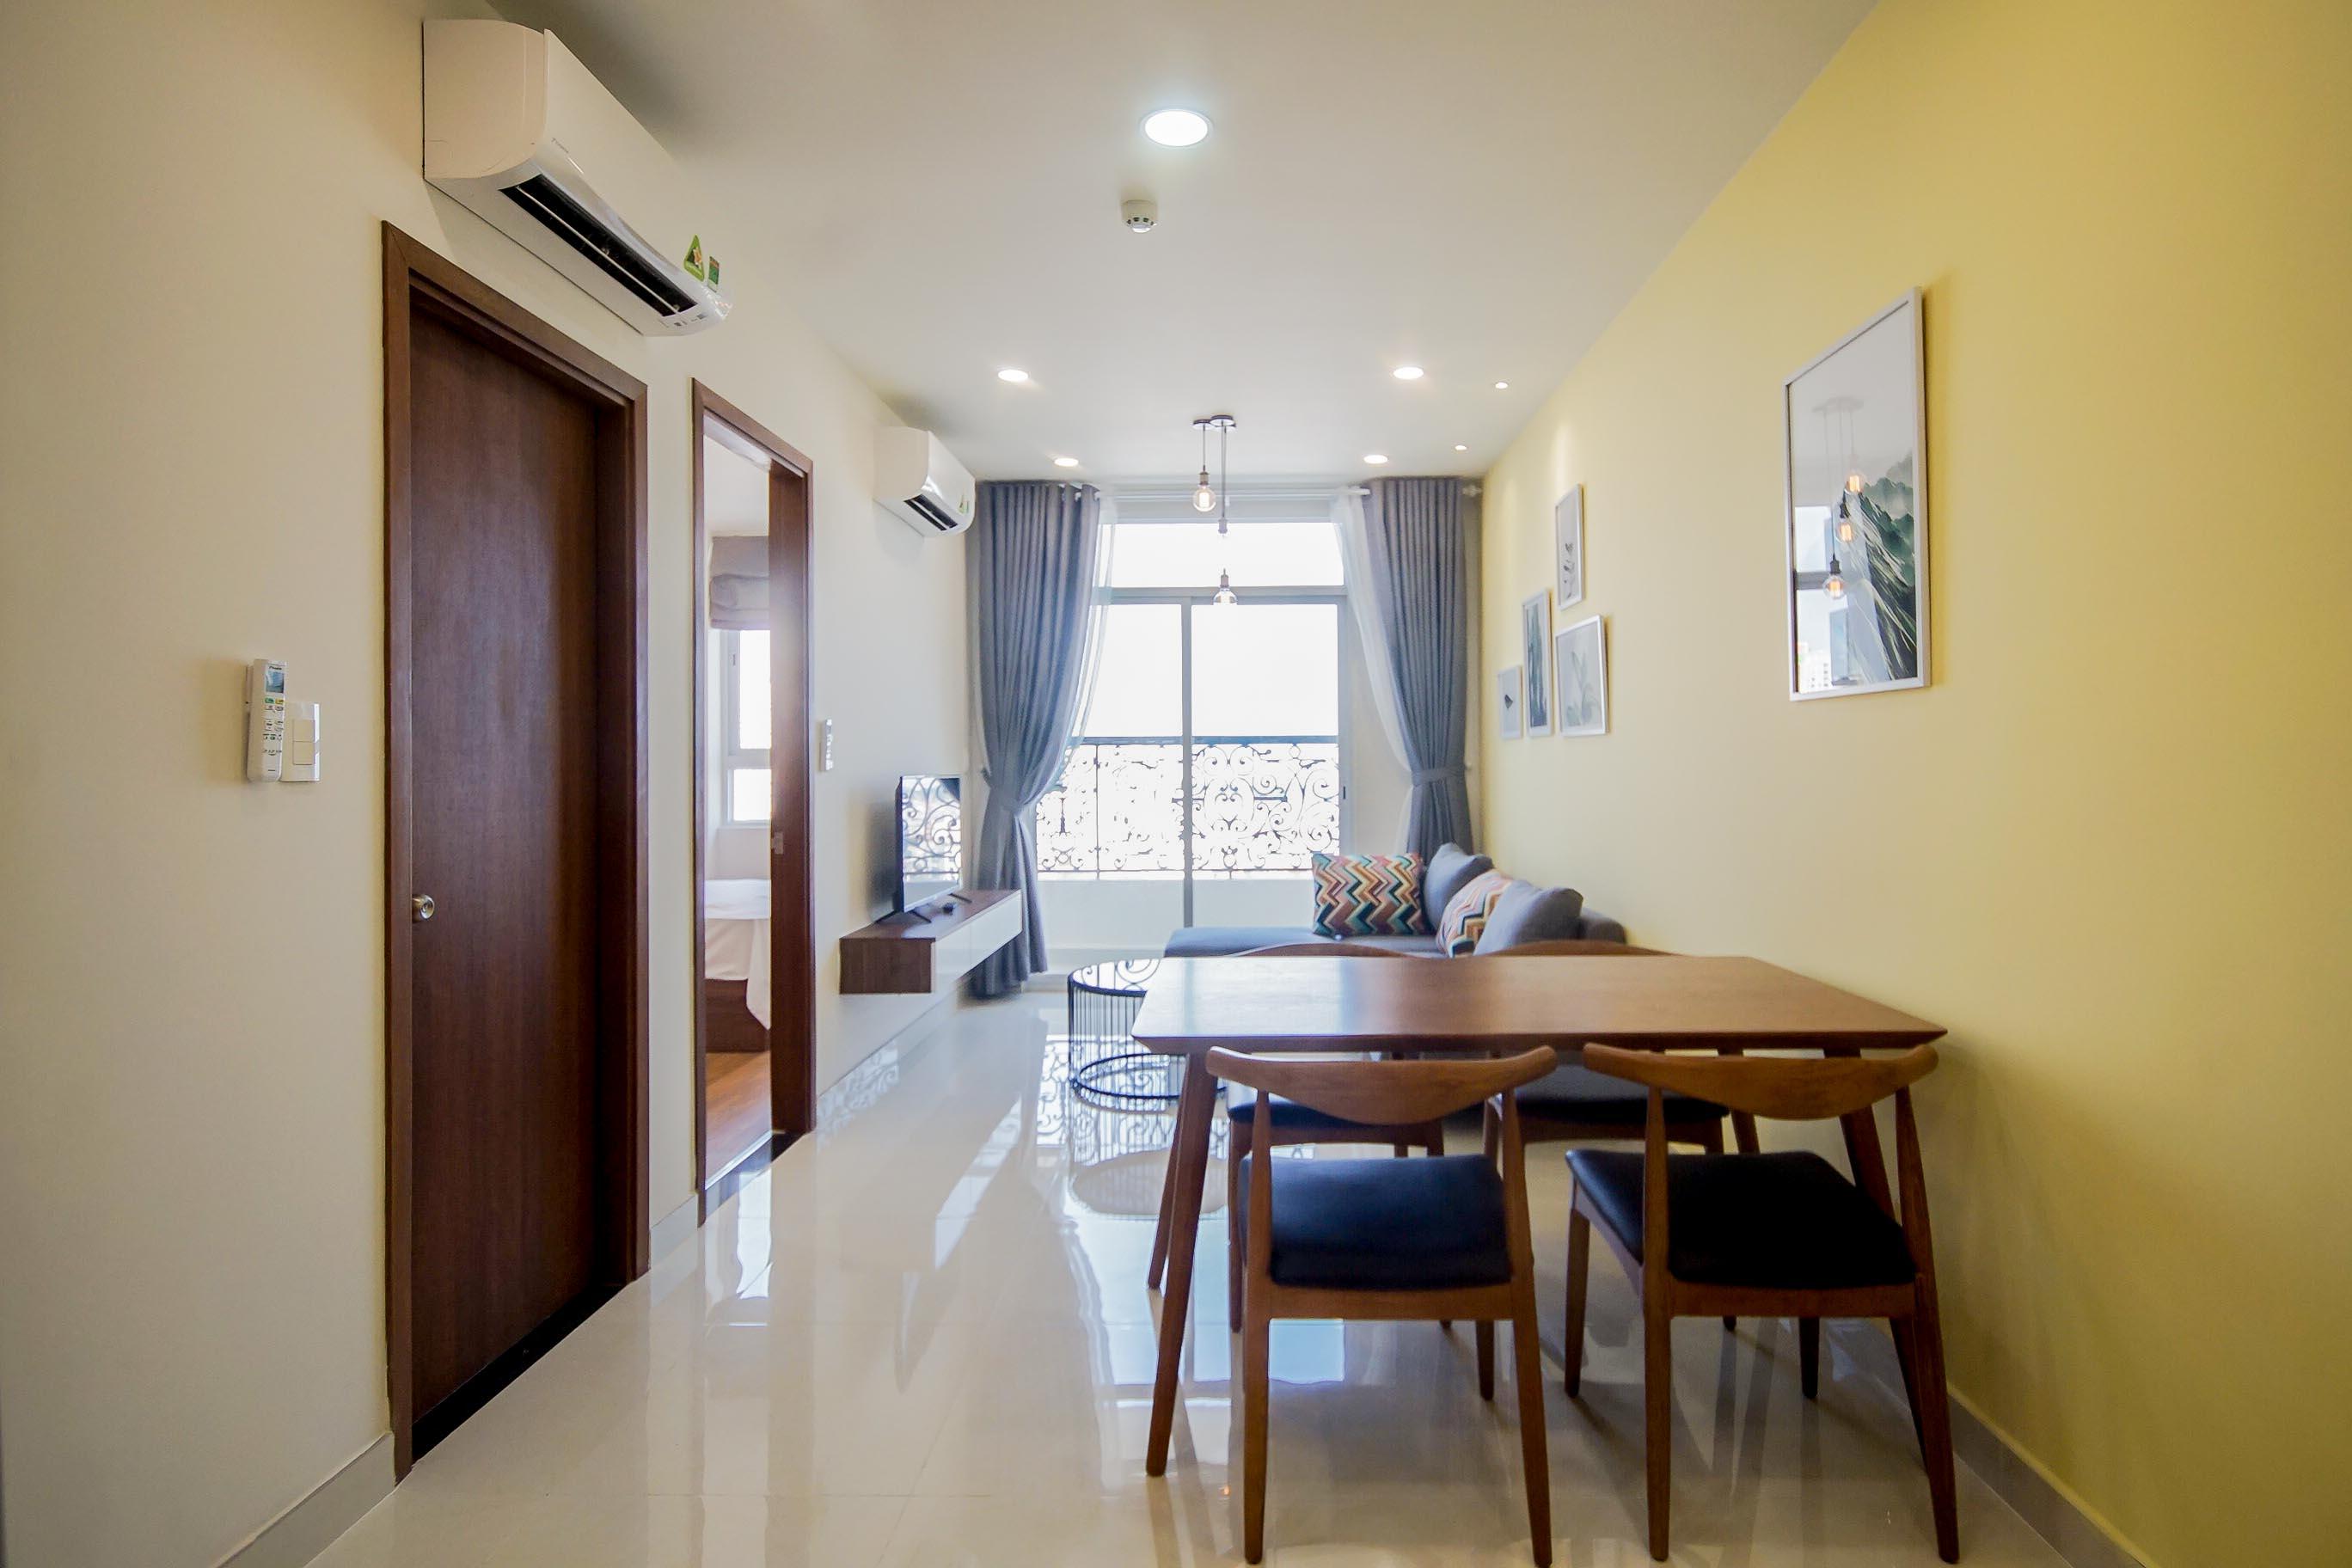 Căn hộ 1 PN Grand Riverside - Đầy Đủ Nội Thất - Không gian ấm cúng và tràn ngập ánh sáng-5